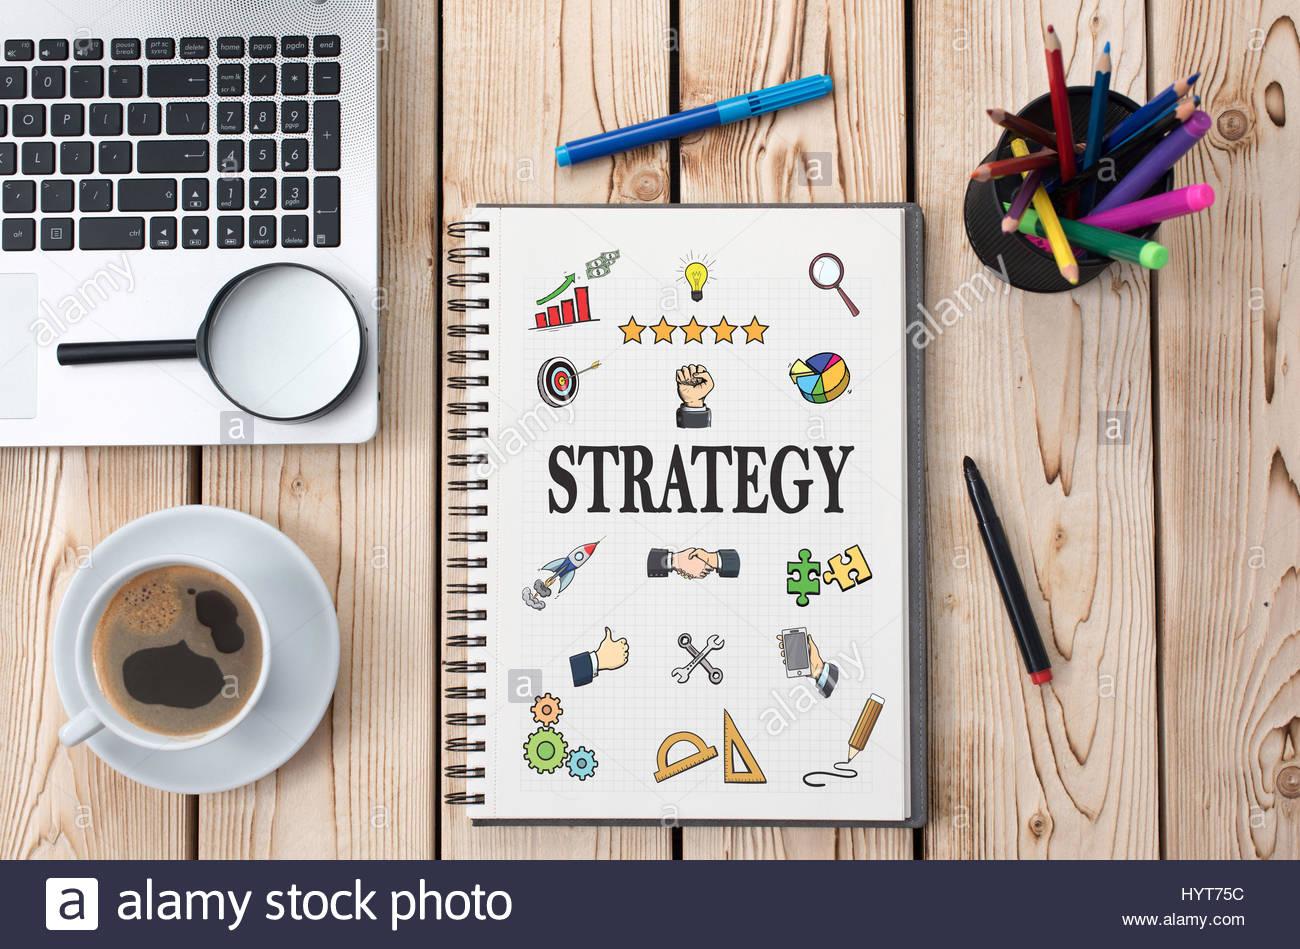 El concepto de estrategia con diversos Doodle iconos dibujados a mano en papel en la oficina Imagen De Stock